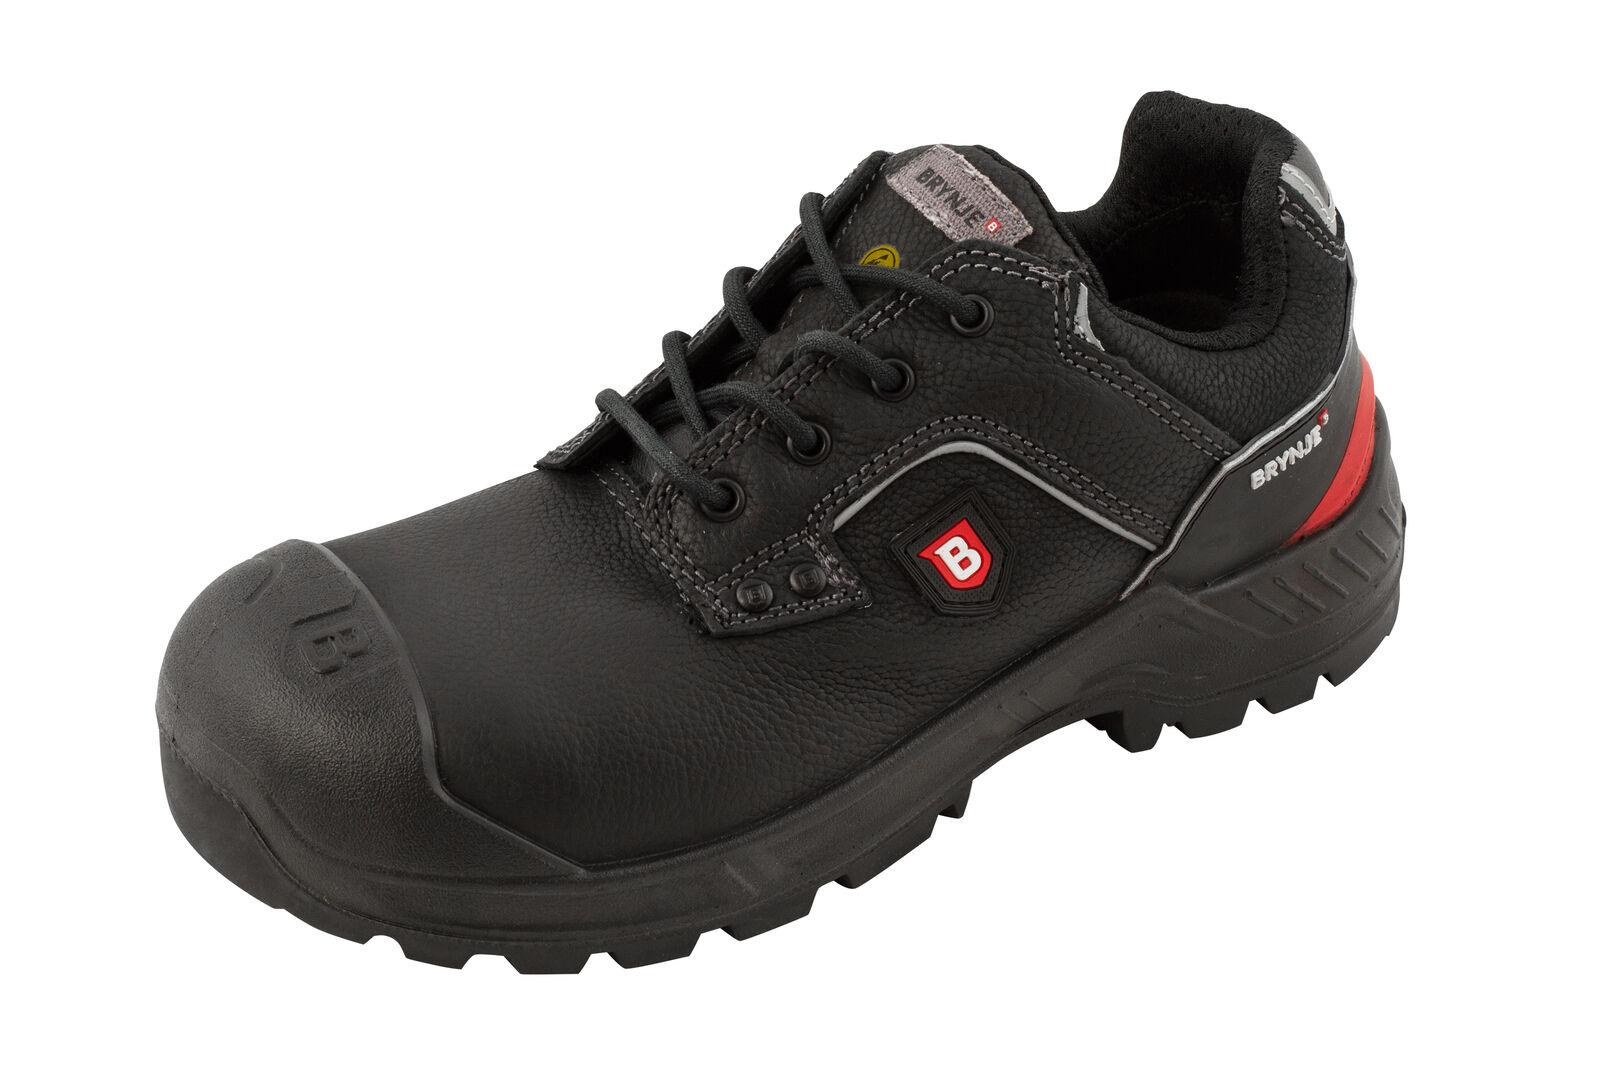 Brynje Robusto Calzado de Seguridad S3 Negro